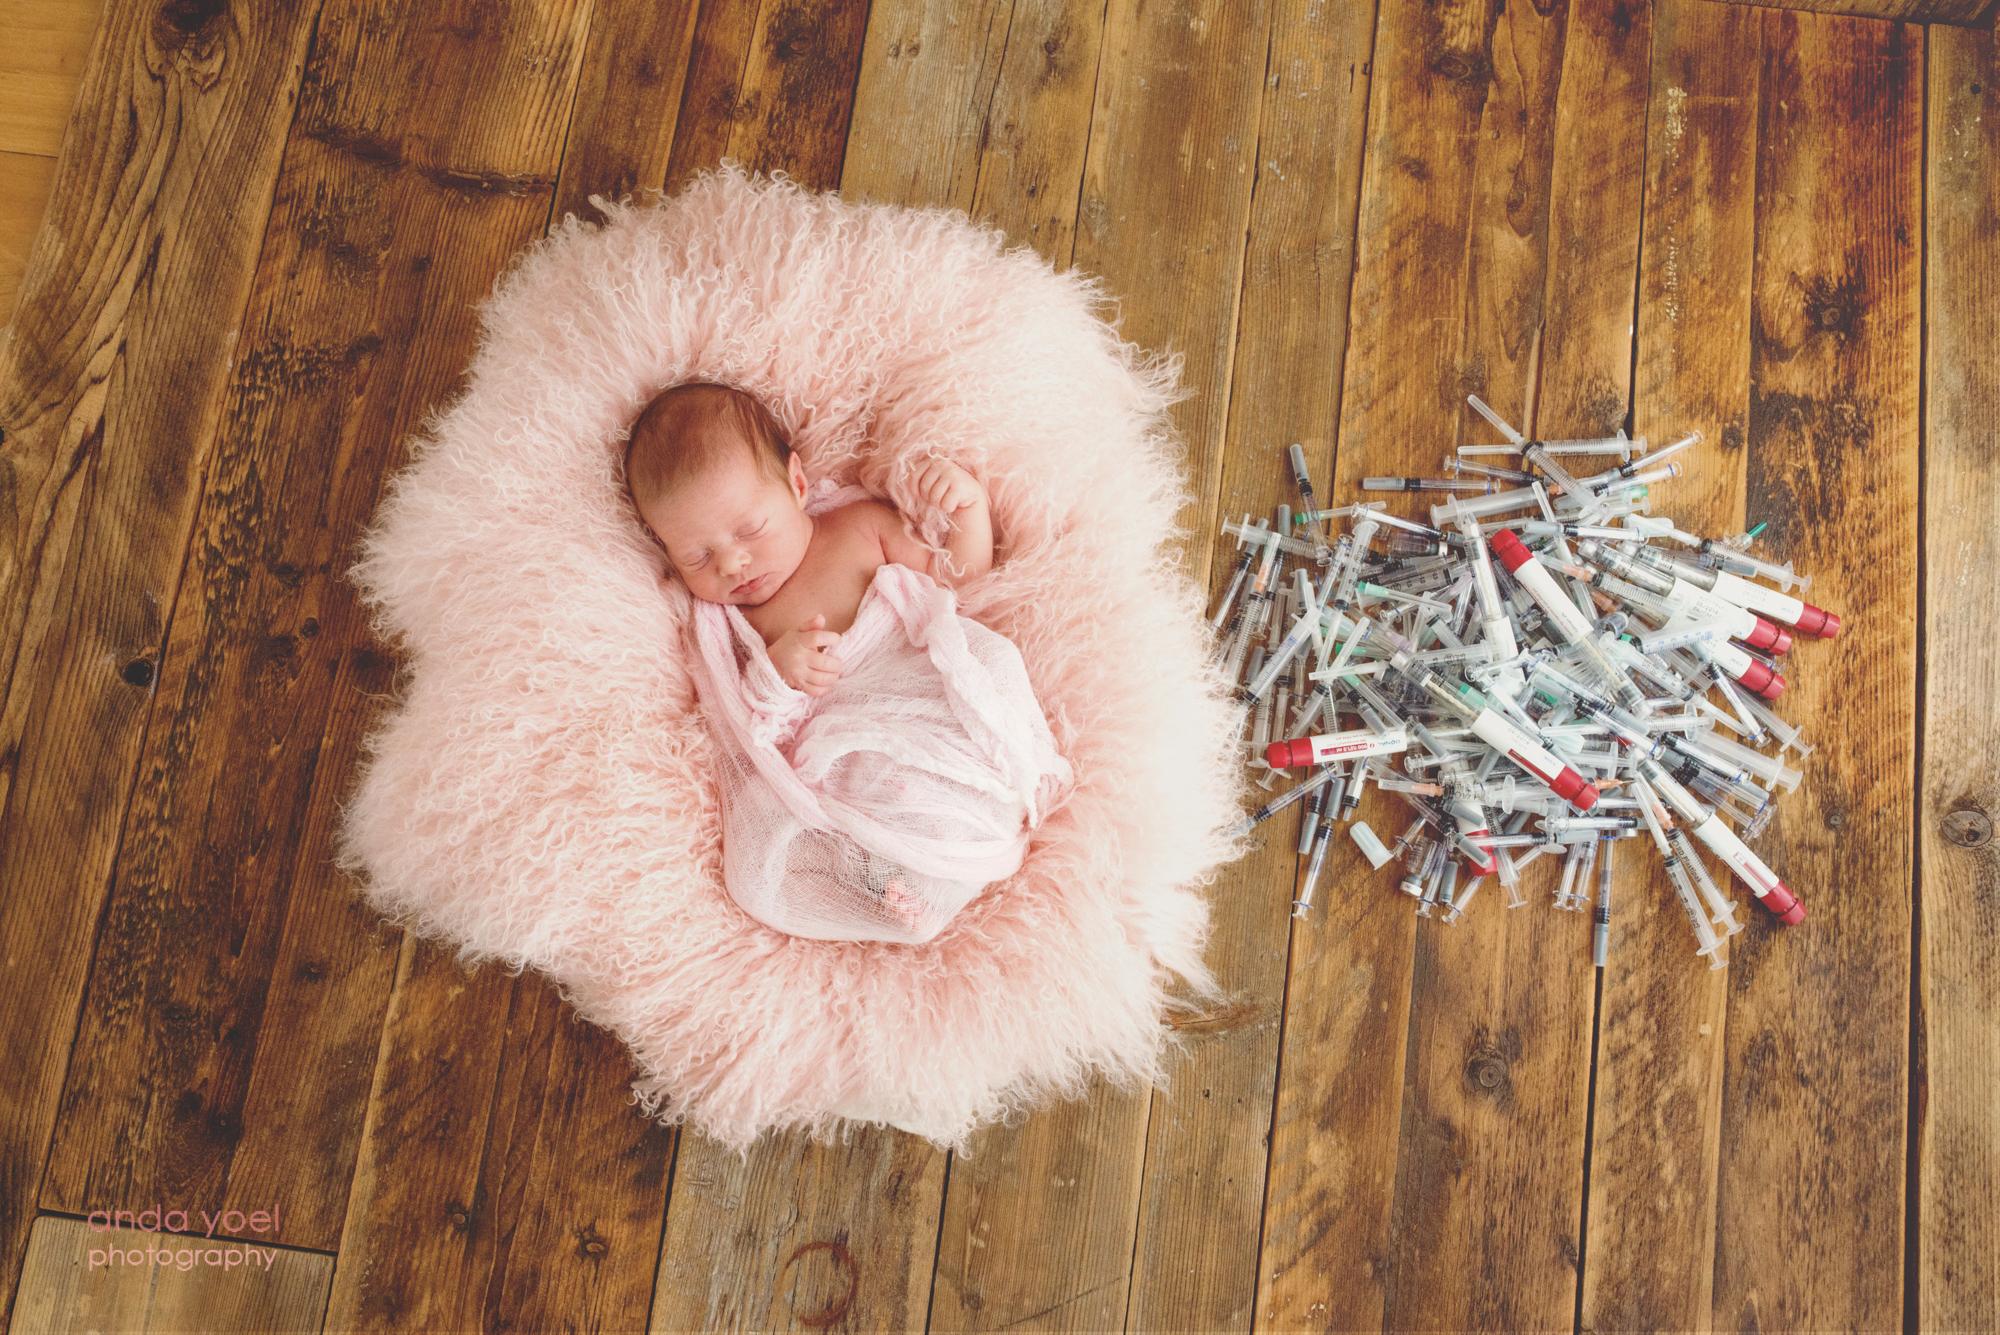 תינוקת ניובורן שנולדה לאחר טיפולי פוריות ישנה בתוך פרווה נעימה ורודה ליד מזרקי טיפולי הפוריות - צילום אנדה יואל